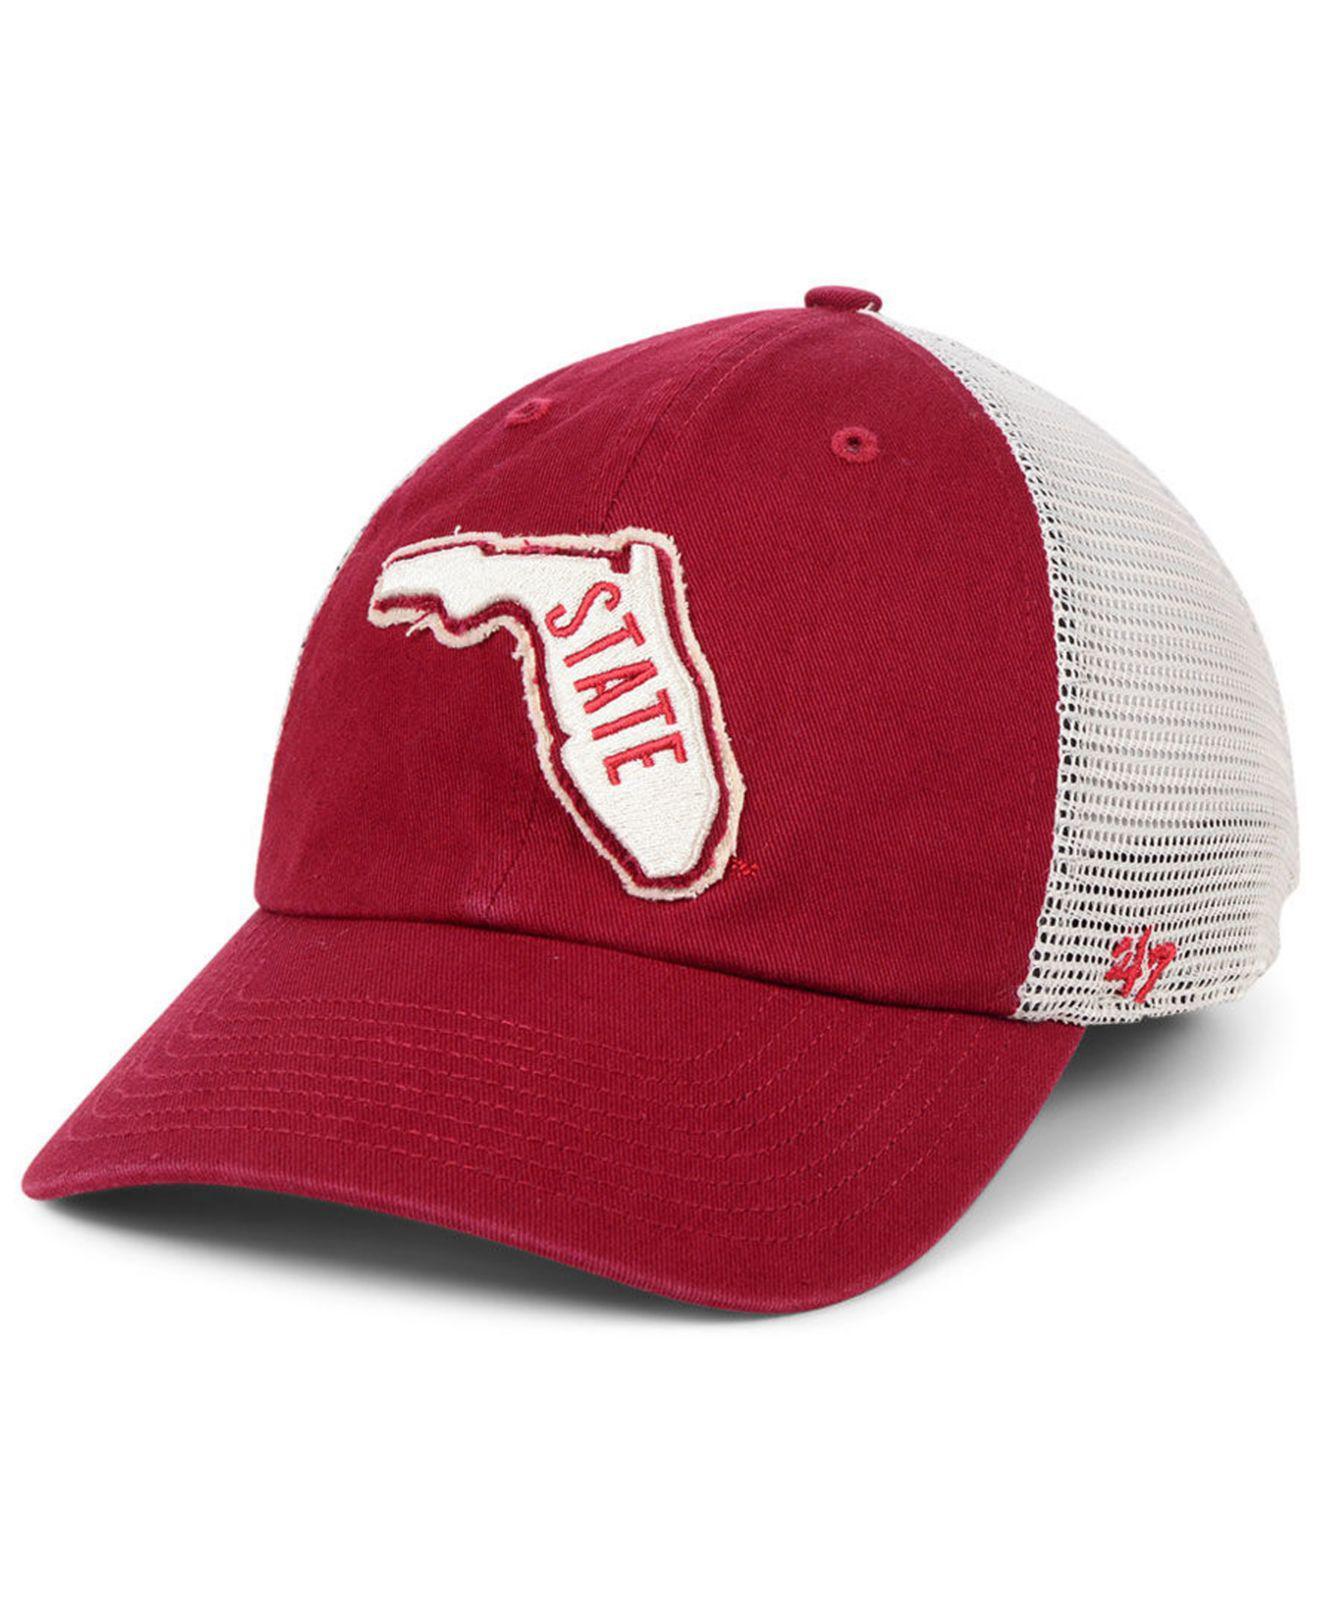 24335894e6d 47 Brand. Men s Red Florida State Seminoles Stamper Closer Stretch Fitted  Cap